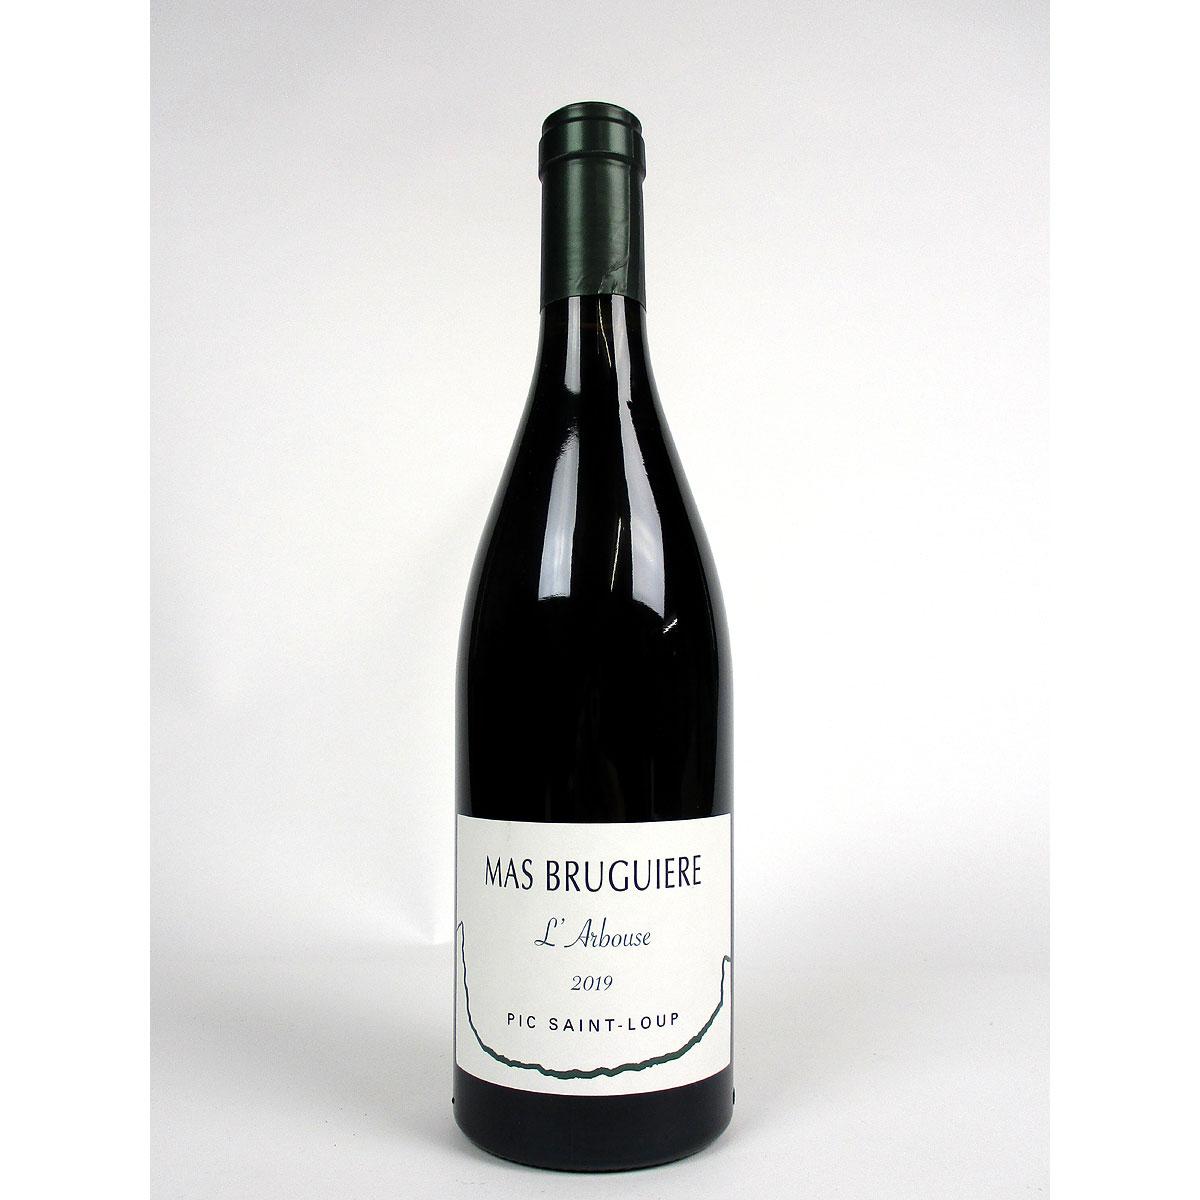 Pic Saint-Loup: Mas Bruguière 'l'Arbouse' 2019 - Bottle